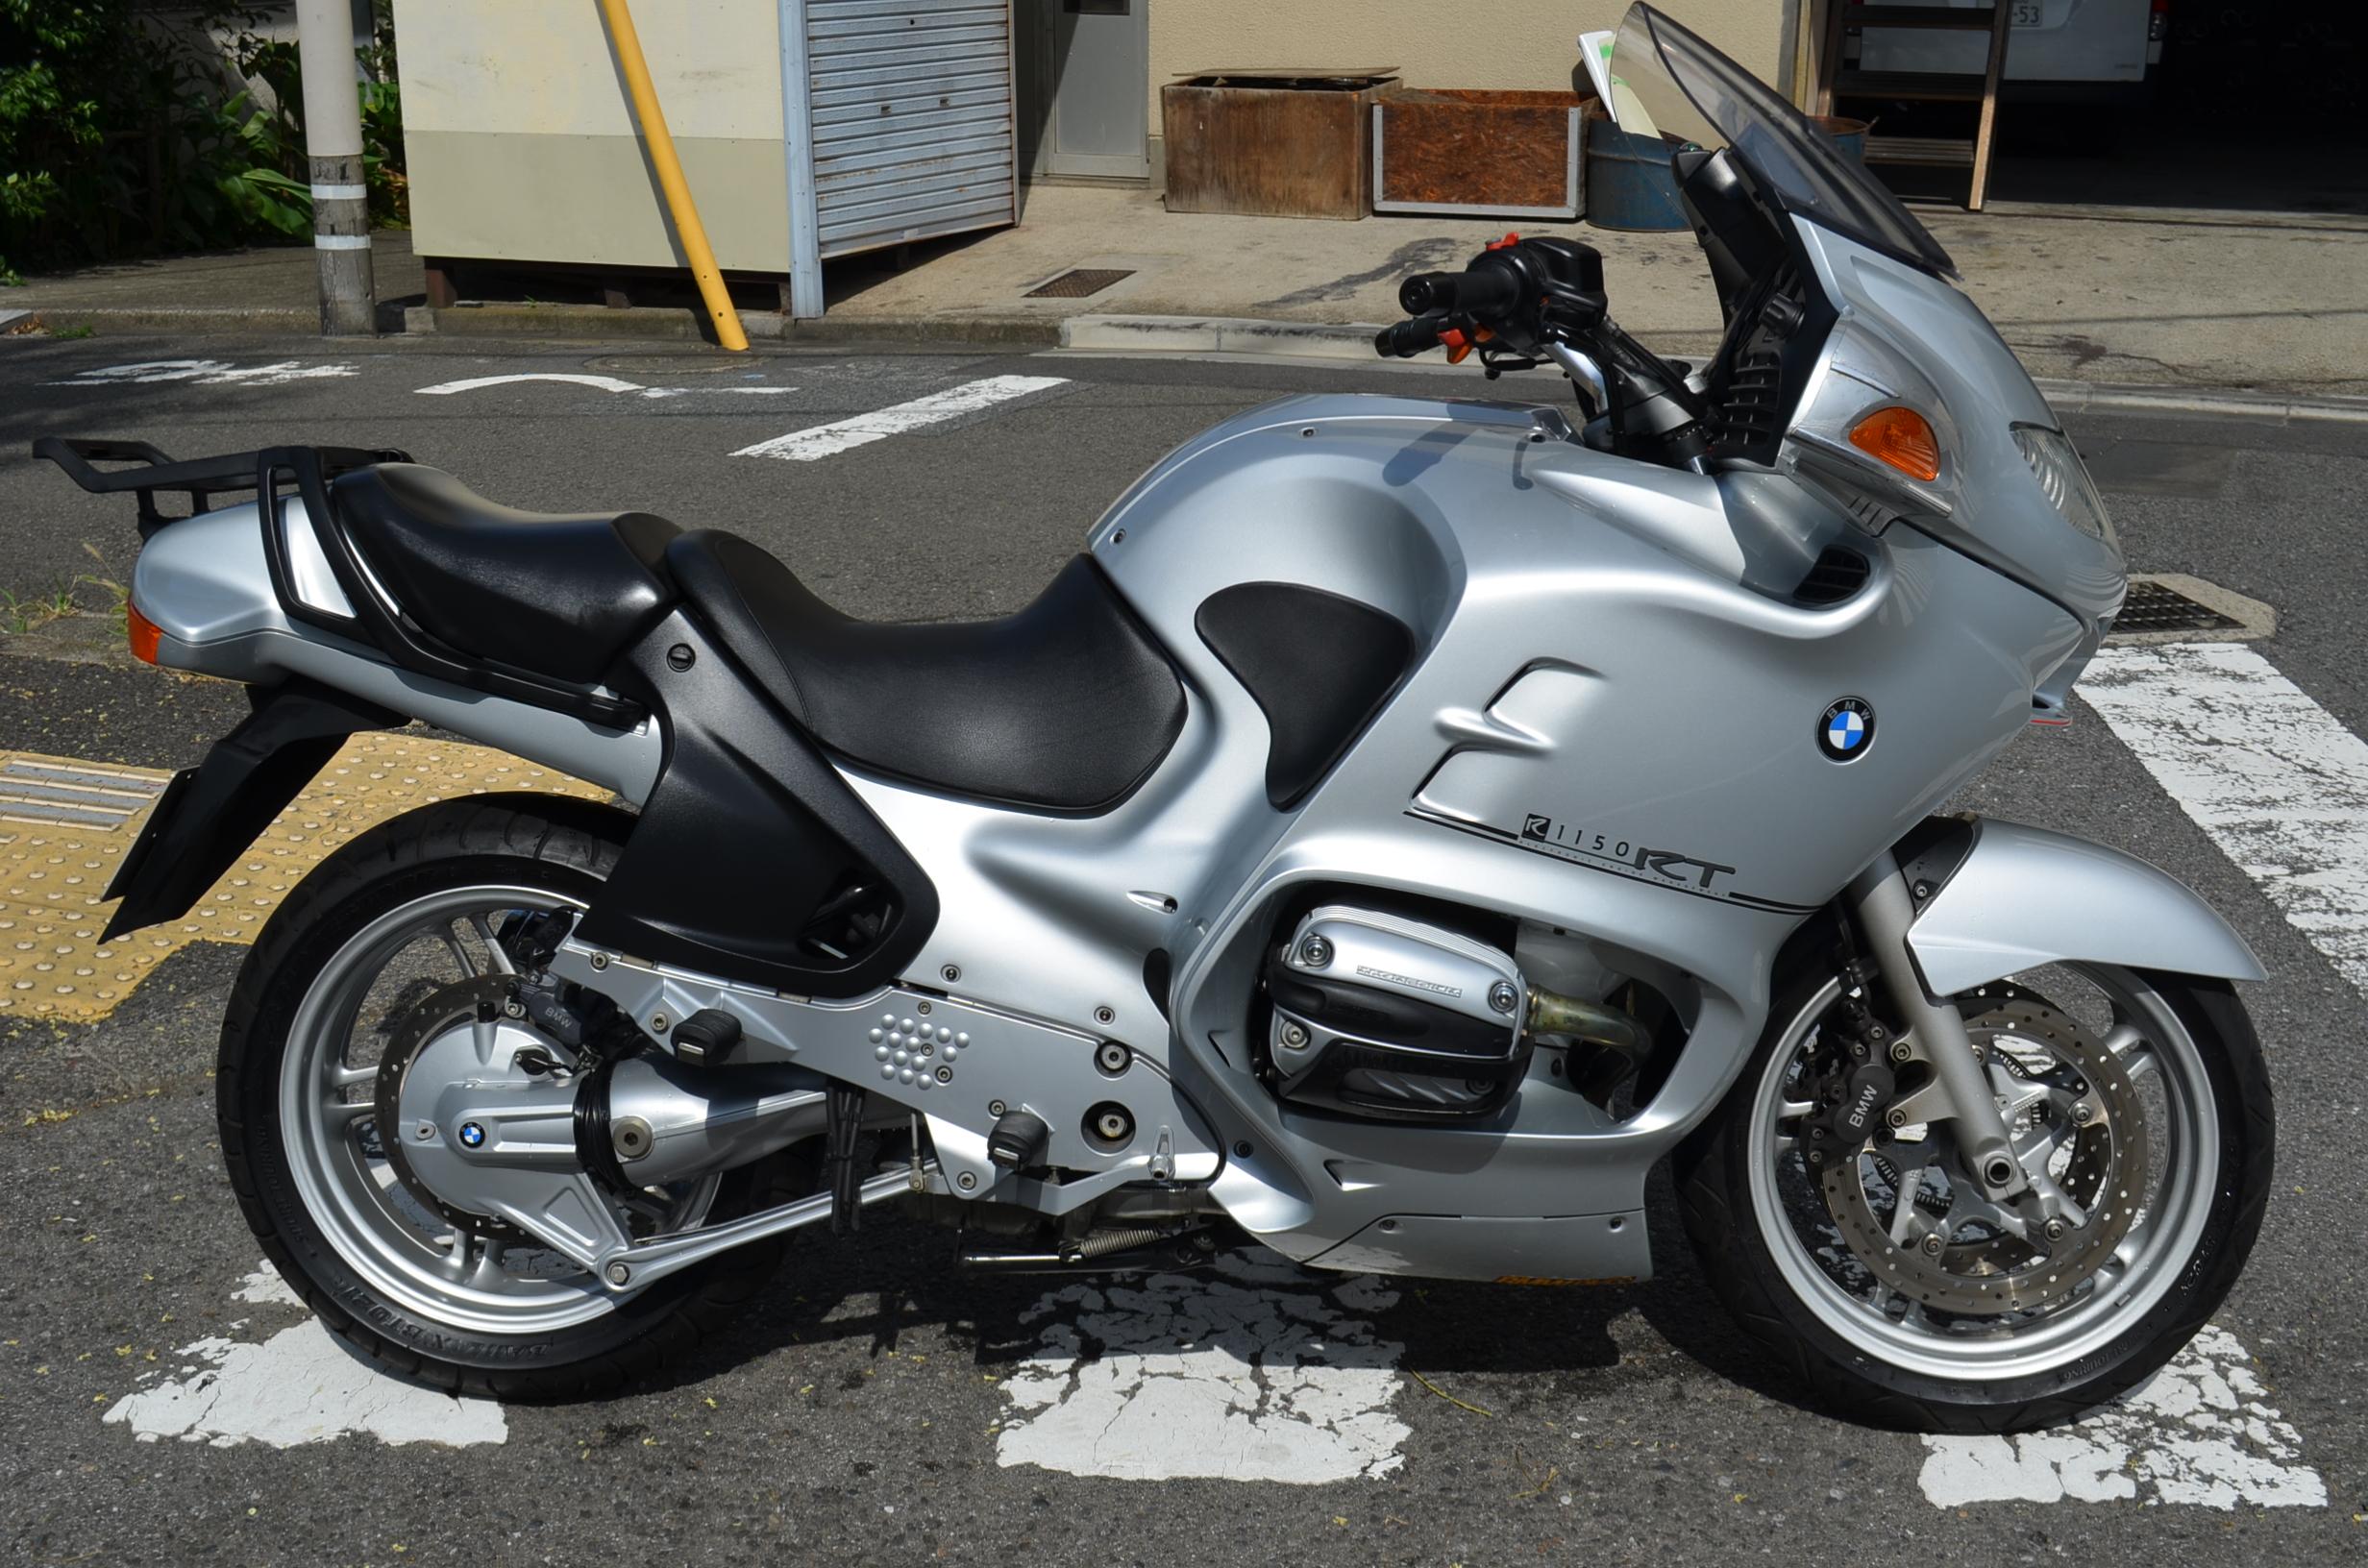 R1150R BMW